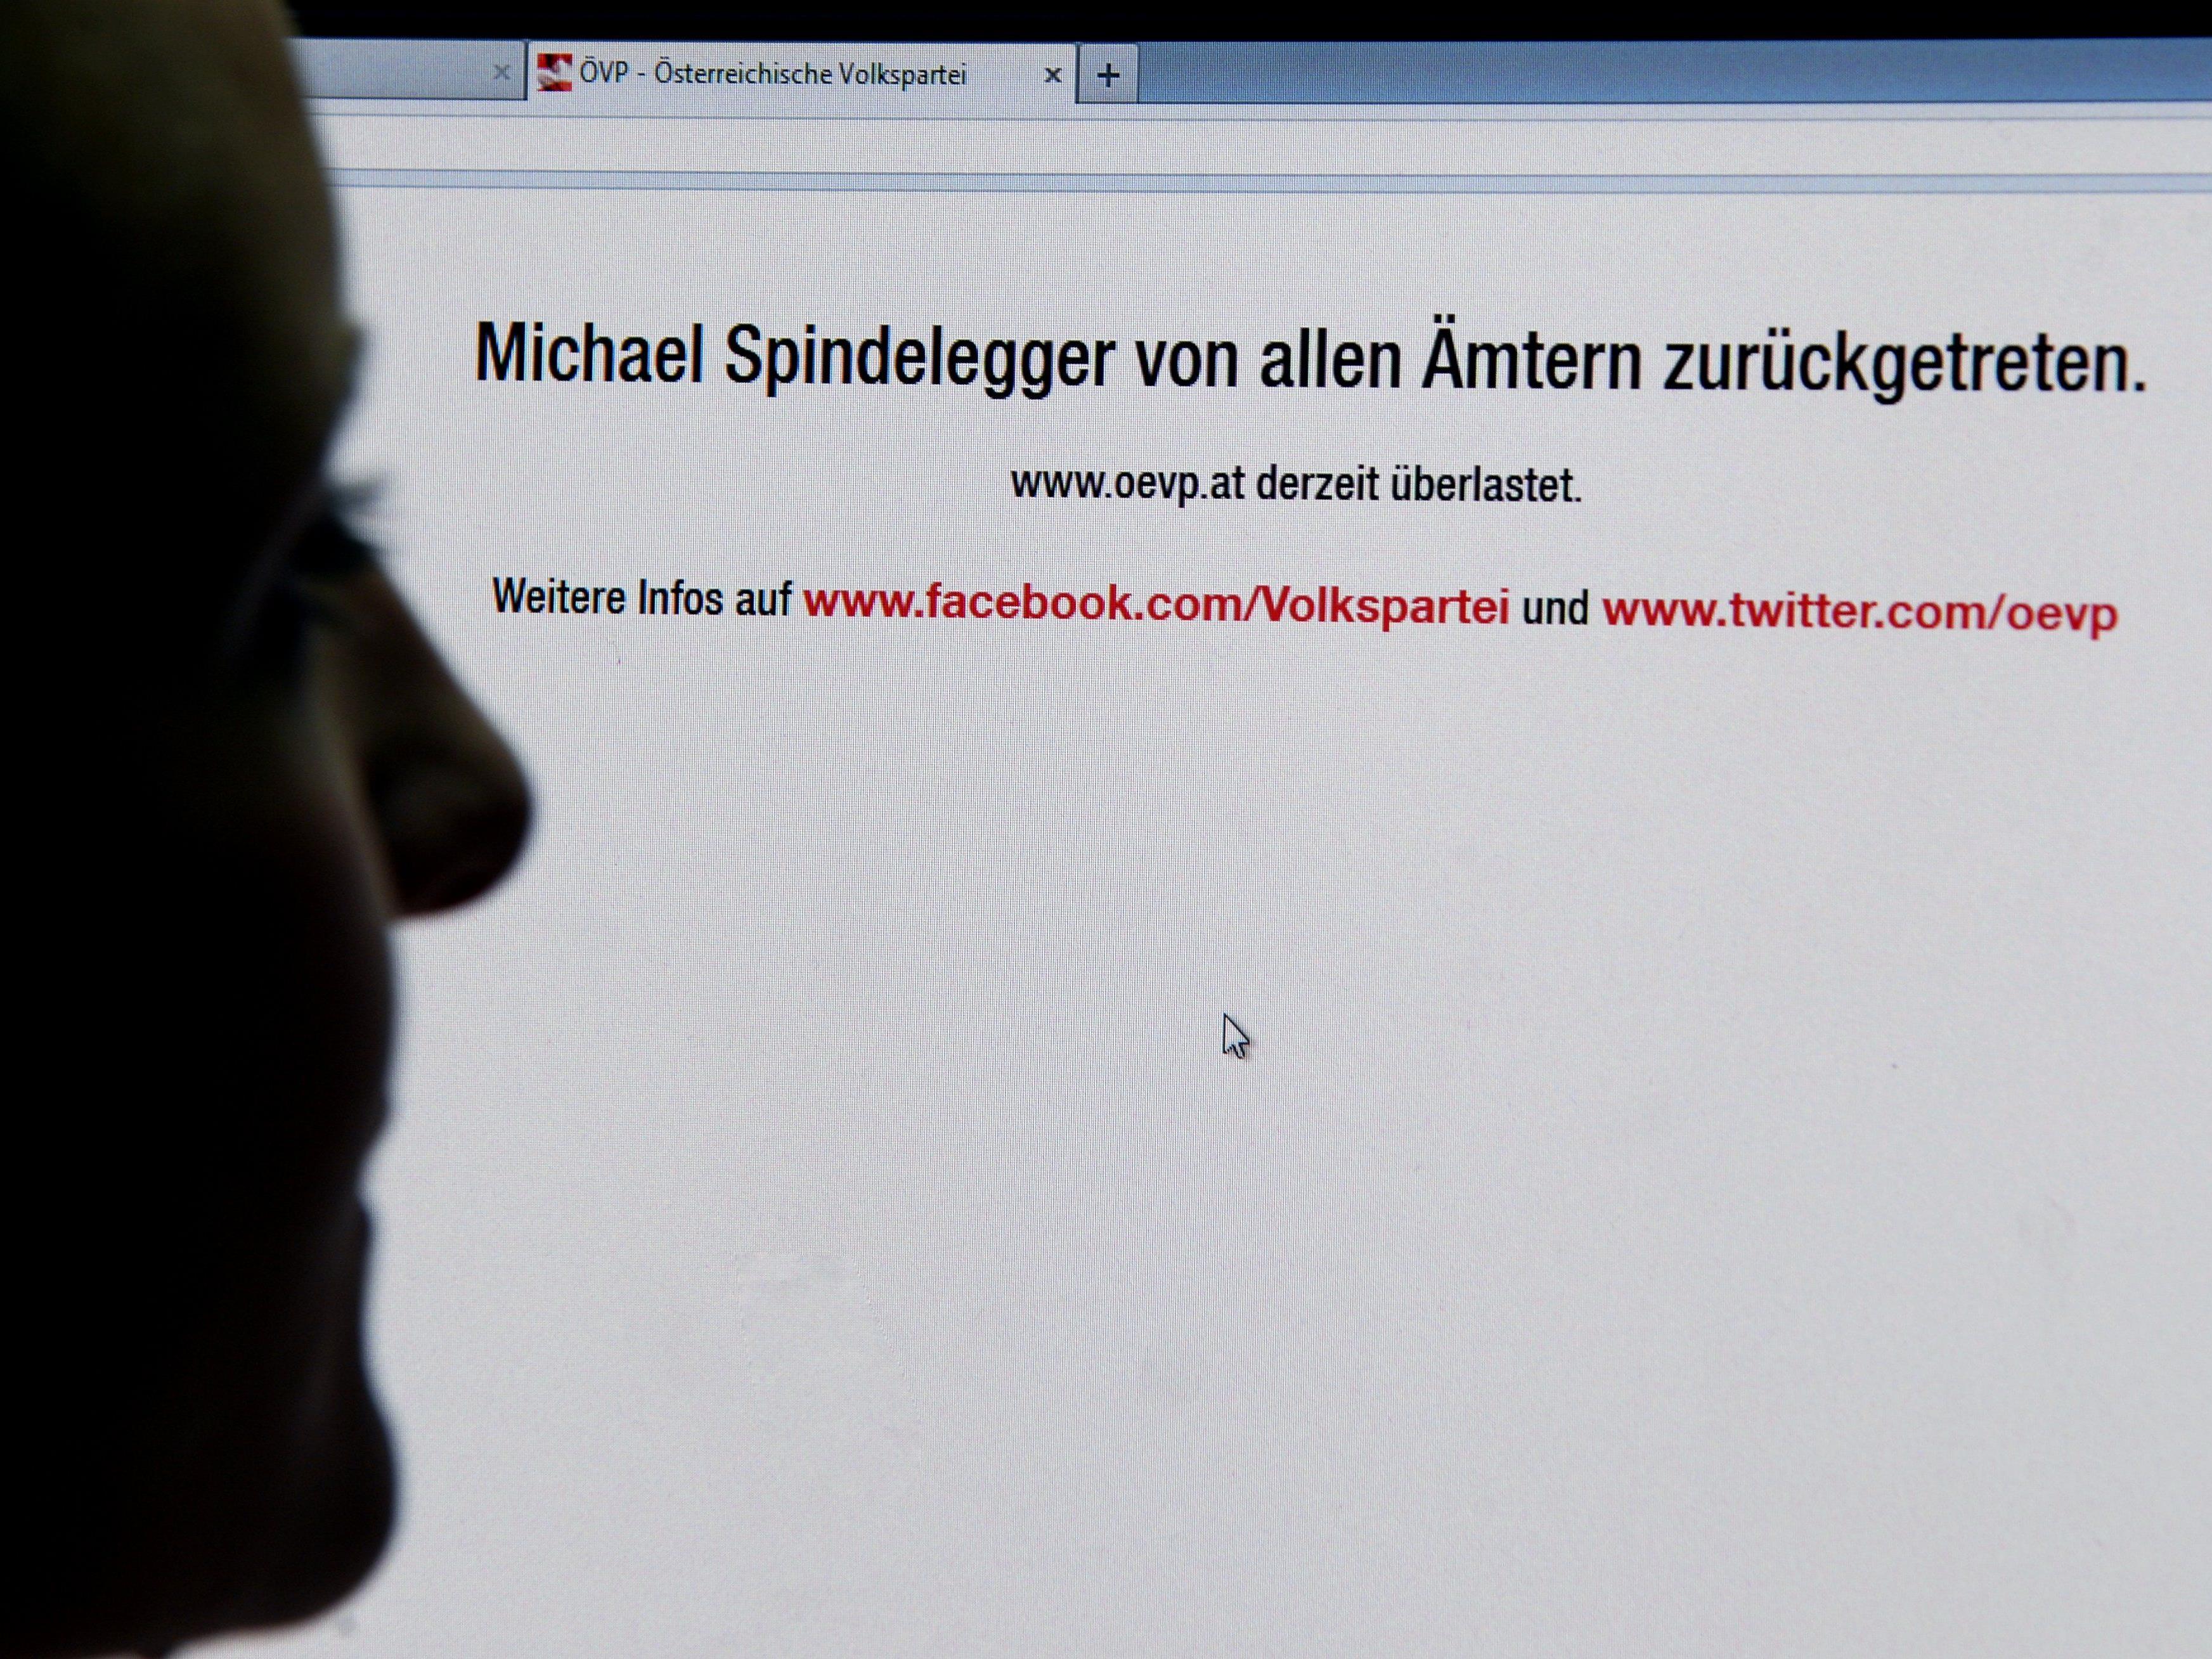 Das Netz überschlug sich: Die Homepage der ÖVP war überlastet, die beliebteste Hashtag auf Twitter war #Spindelegger.